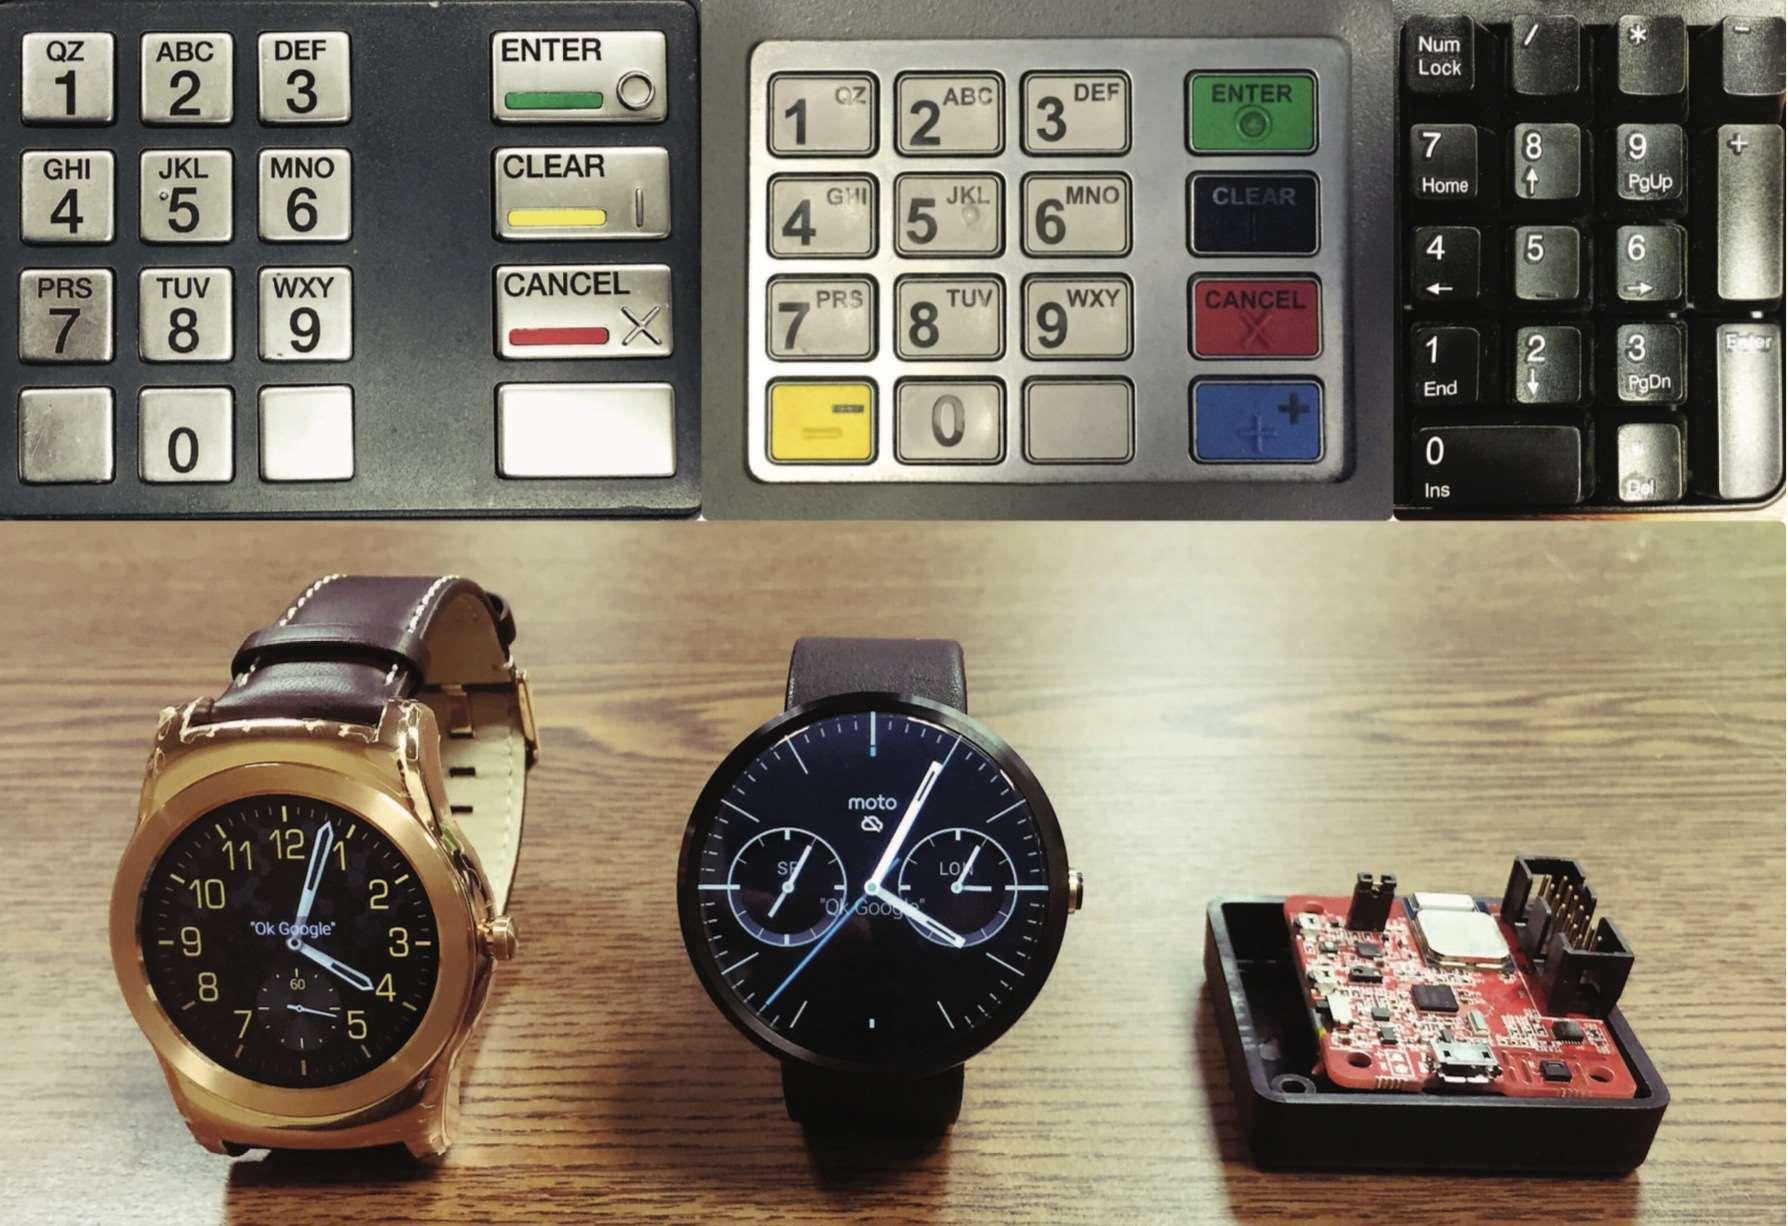 4231d06c075 Chytré náramky a hodinky dokážou prozradit pin k vaší kartě – Živě.cz